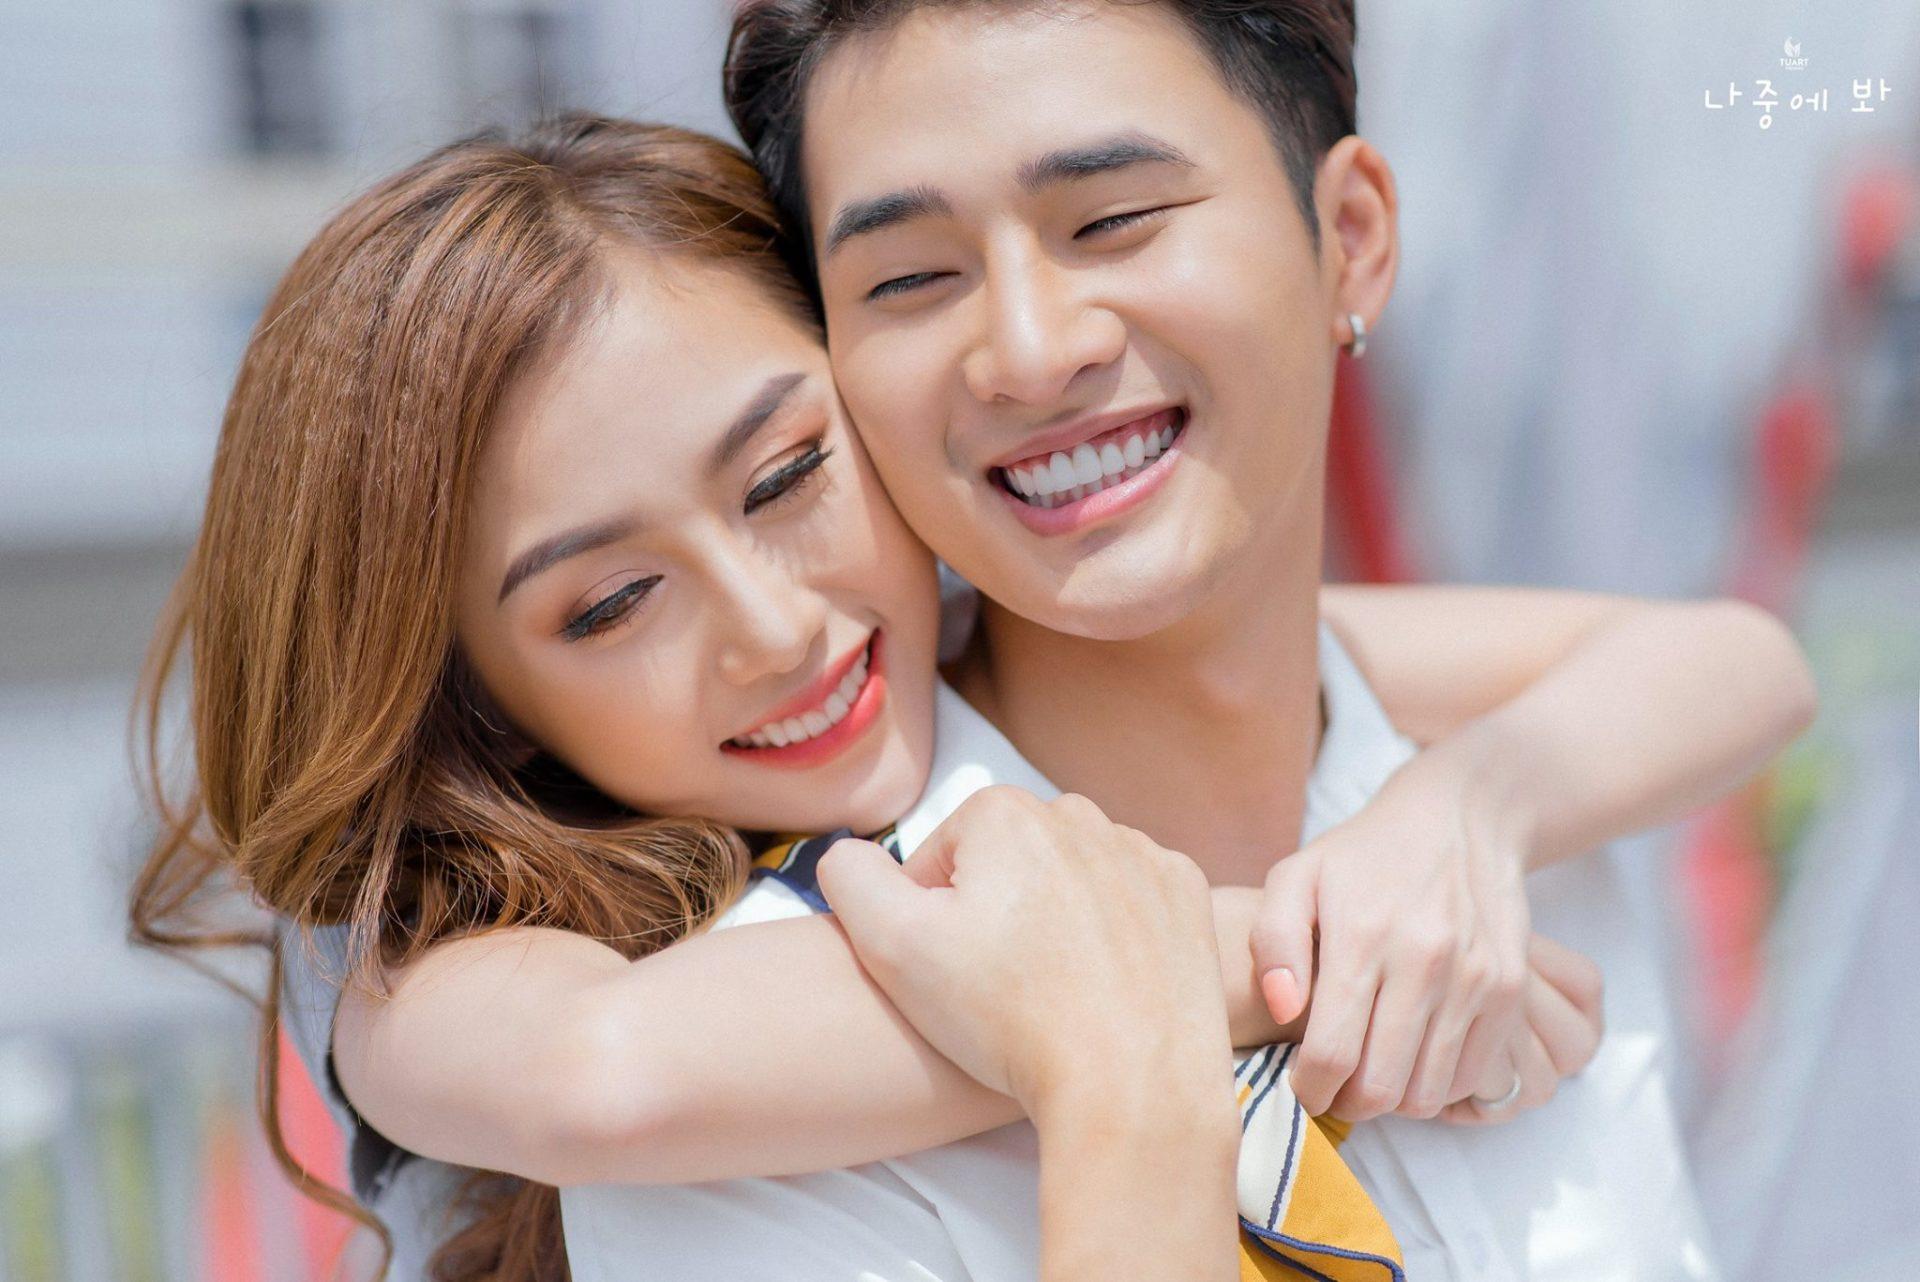 Album Prewedding Nam & Nhi – Album hình cưới đẹp ở Hồ Chí Minh